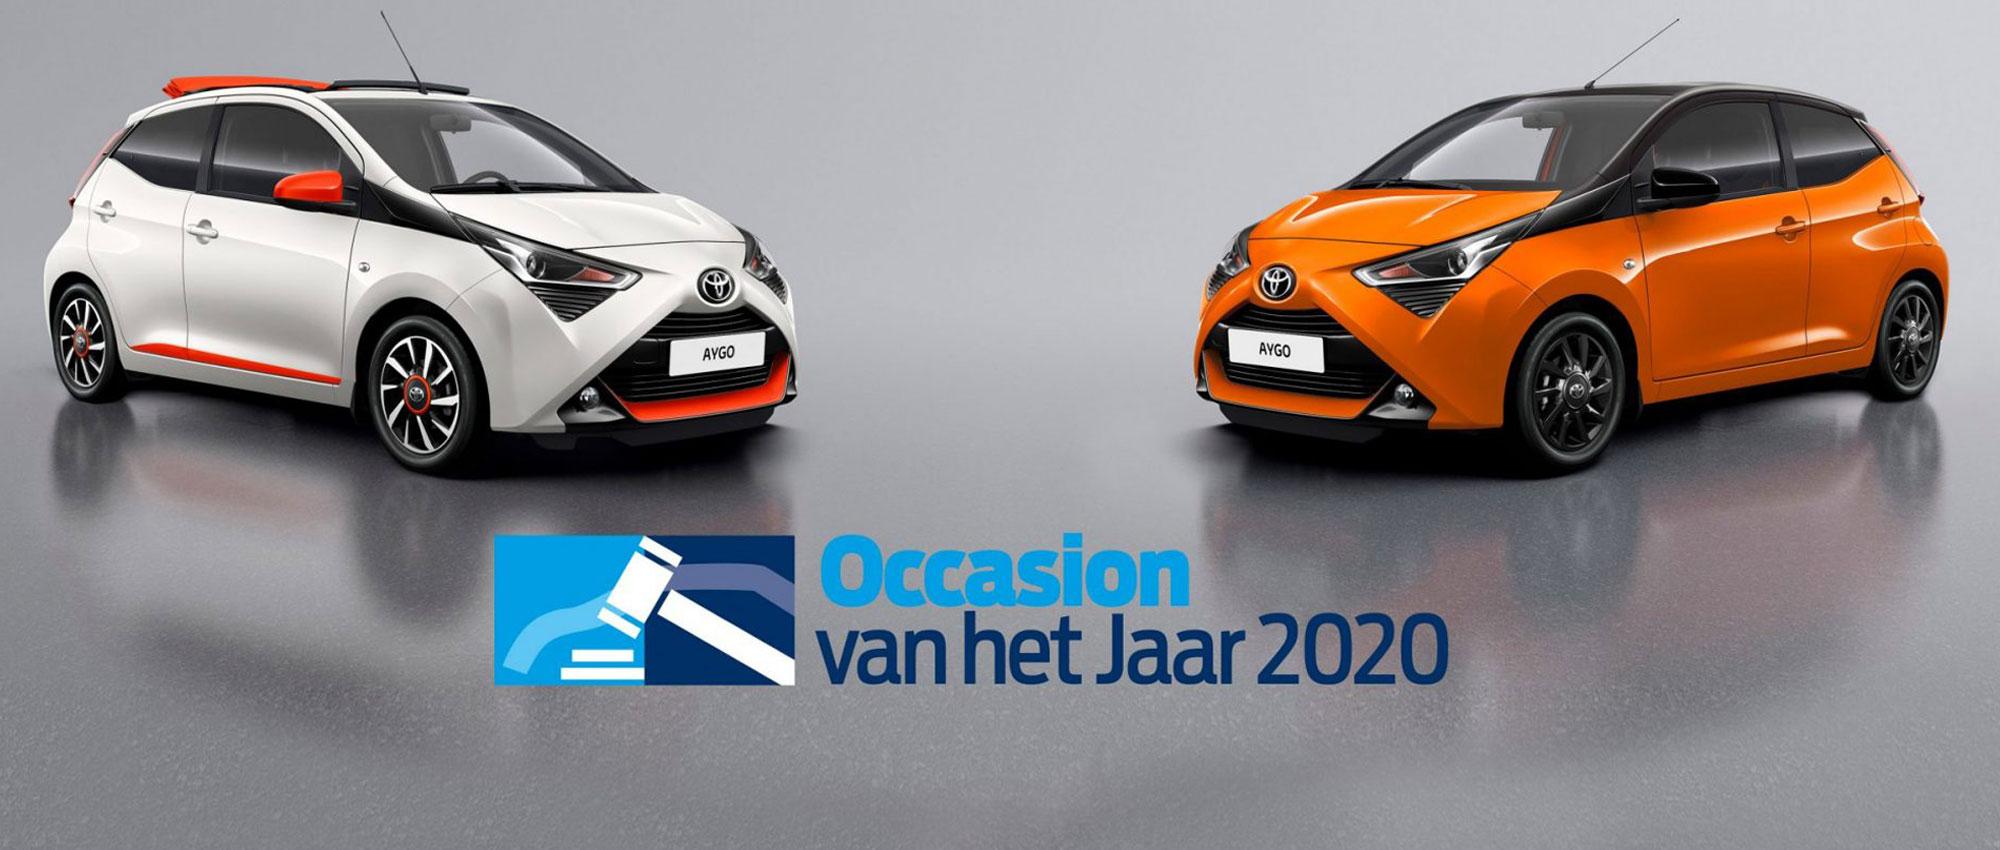 Toyota-aygo-occasion-van-jaar-2020